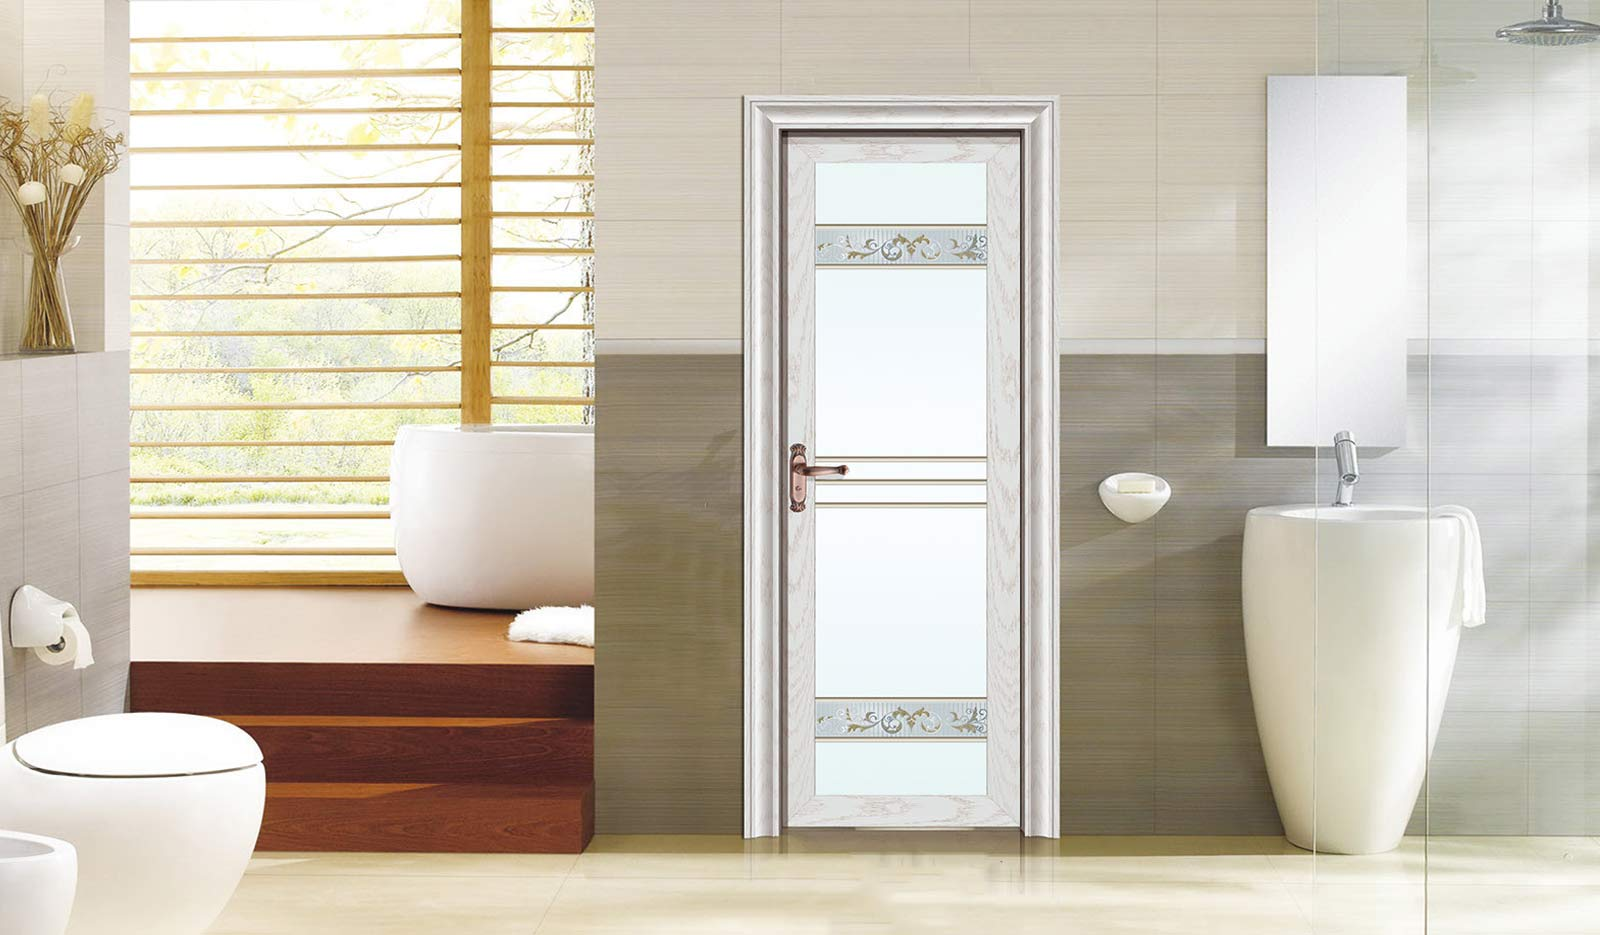 China aluminum toilet bathroom door